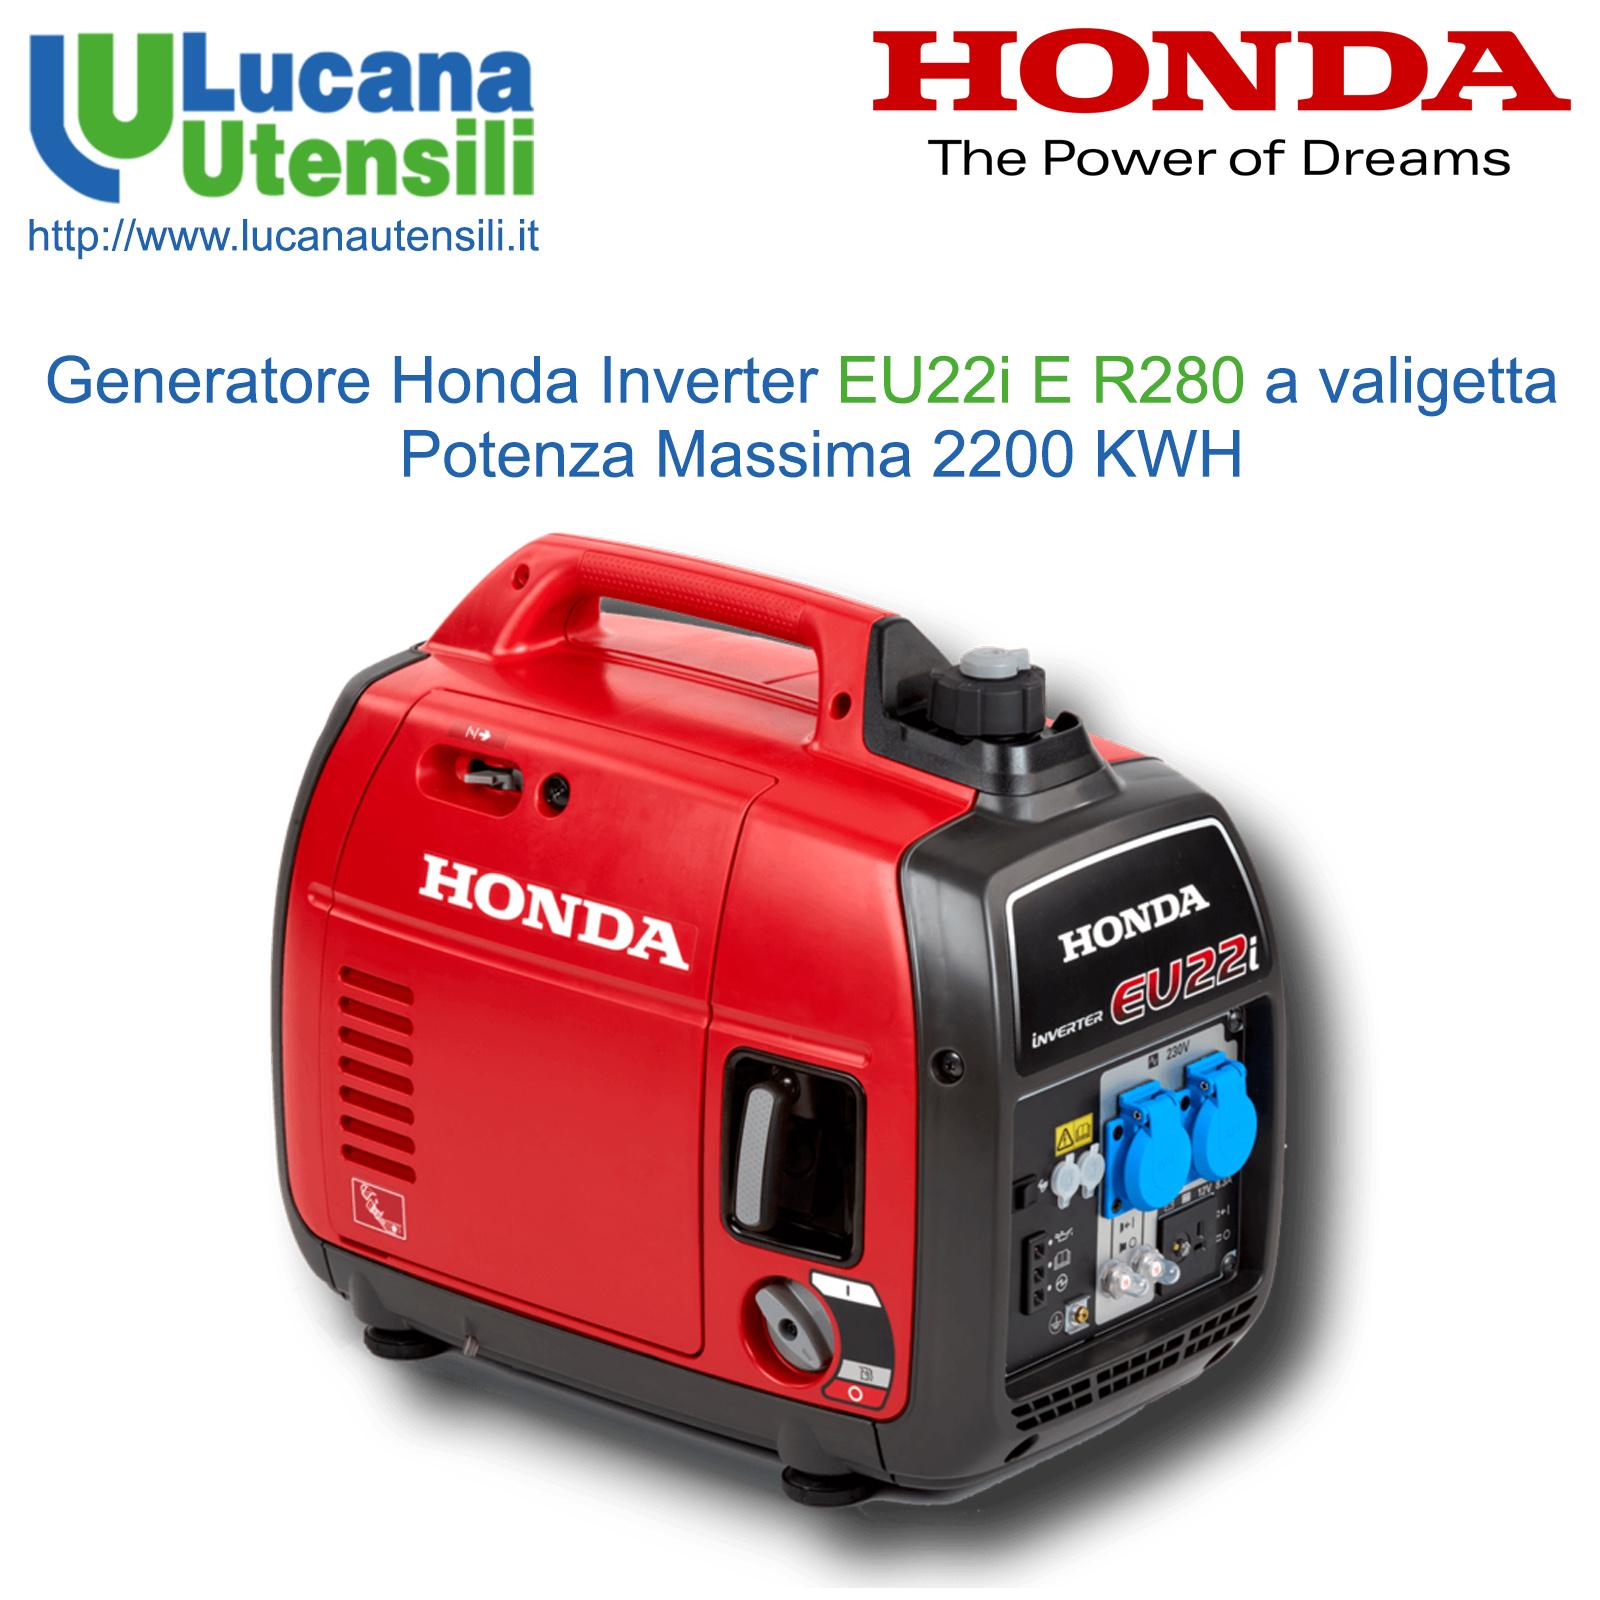 Honda generatore inverter silenziato modello eu22i e r280 for Generatore honda usato